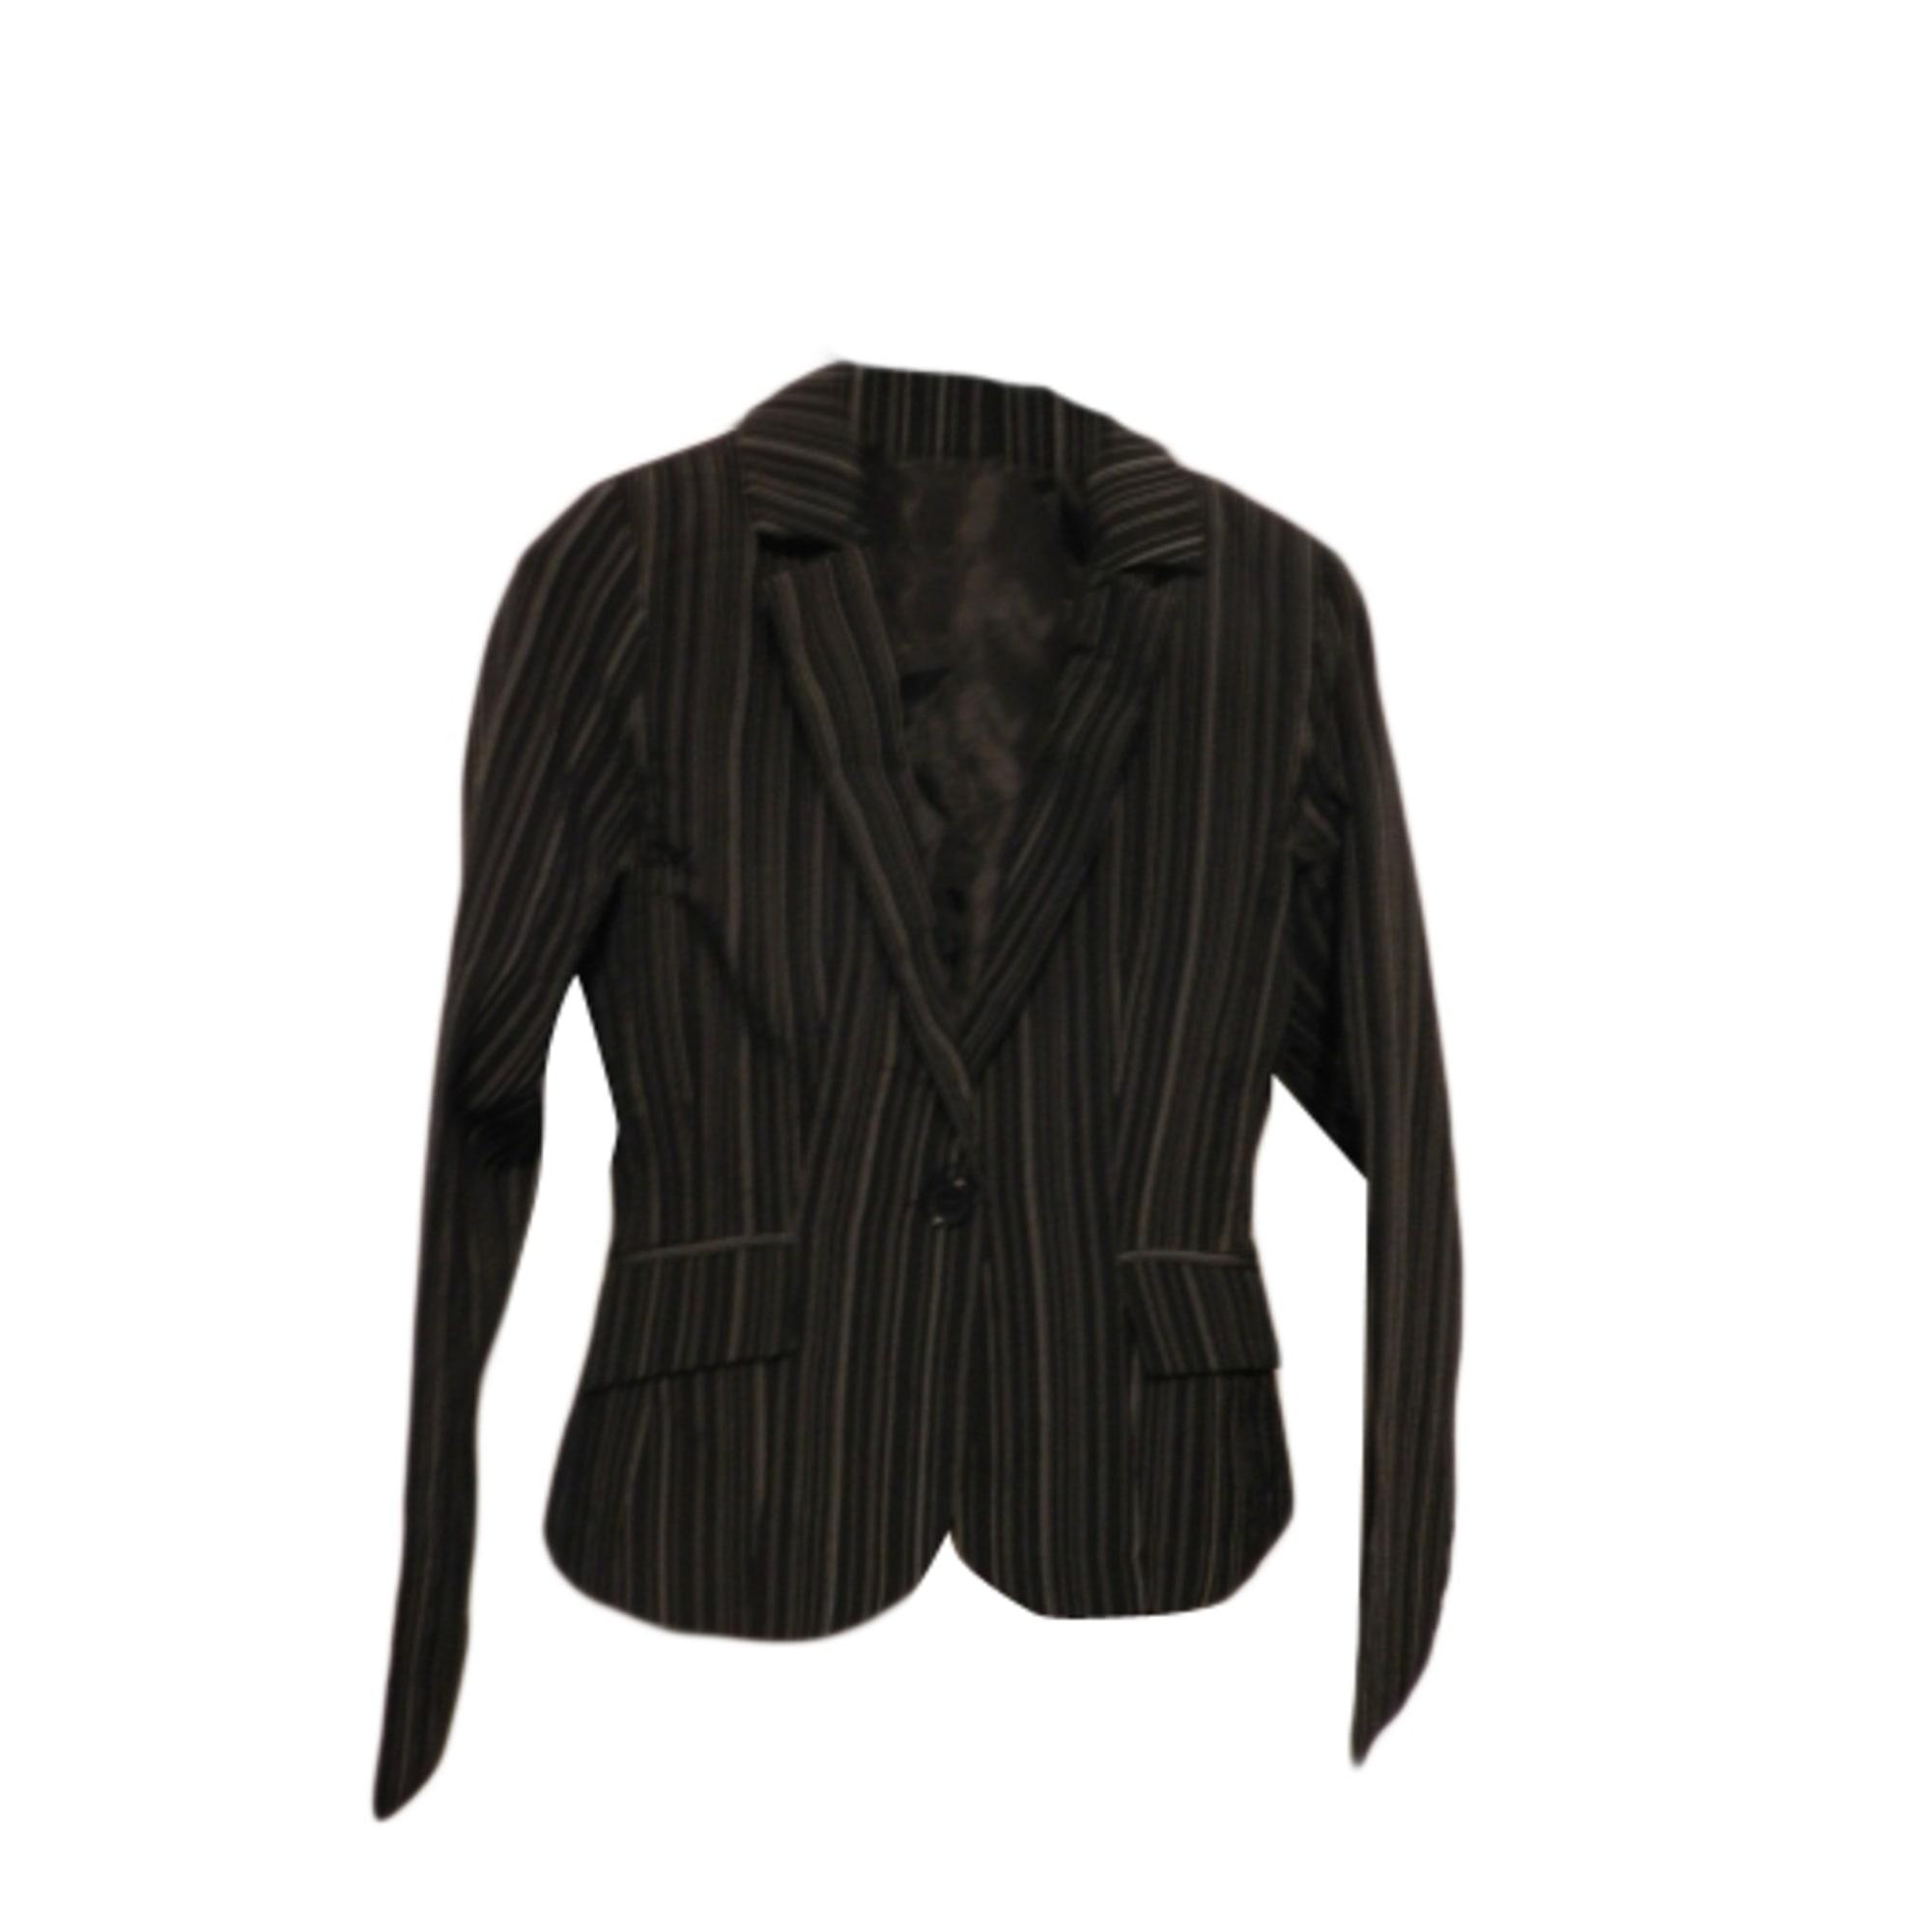 Tailleur pantalon ICI ET MAINTENANT 36 (S, T1) noir vendu par ... b86ef18d26c1